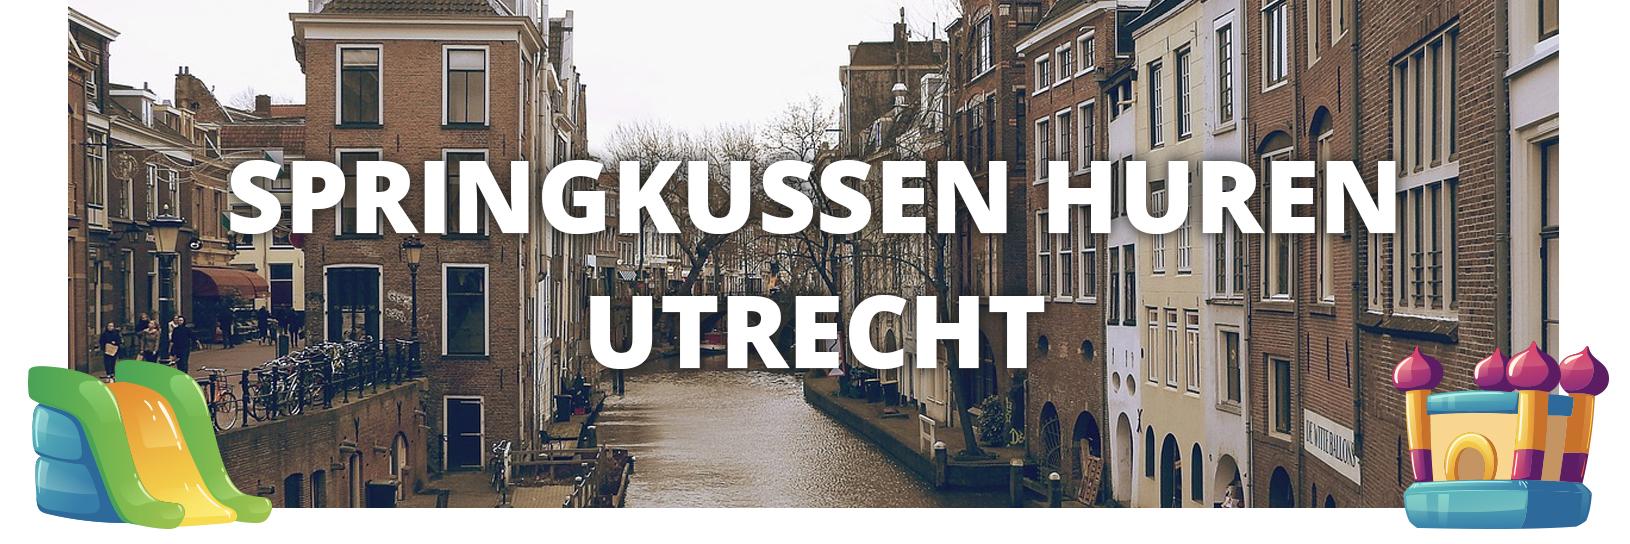 Springkussen huren Utrecht